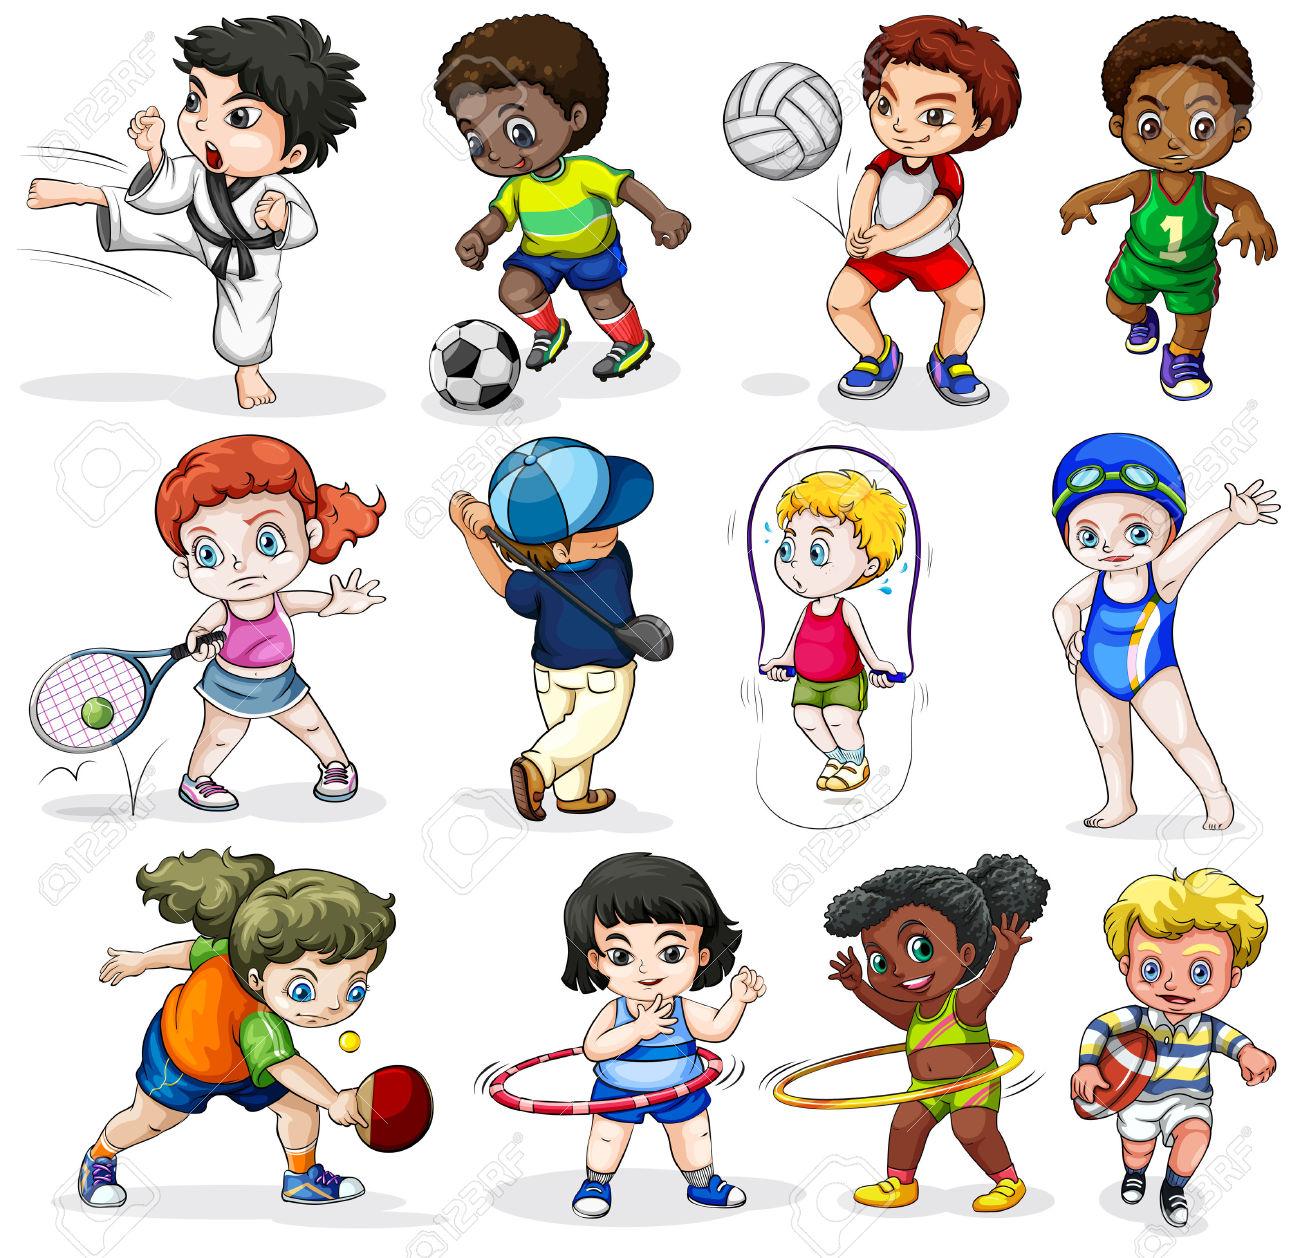 Jugando al saber deportes y juguetes for Aprendiendo y jugando jardin infantil